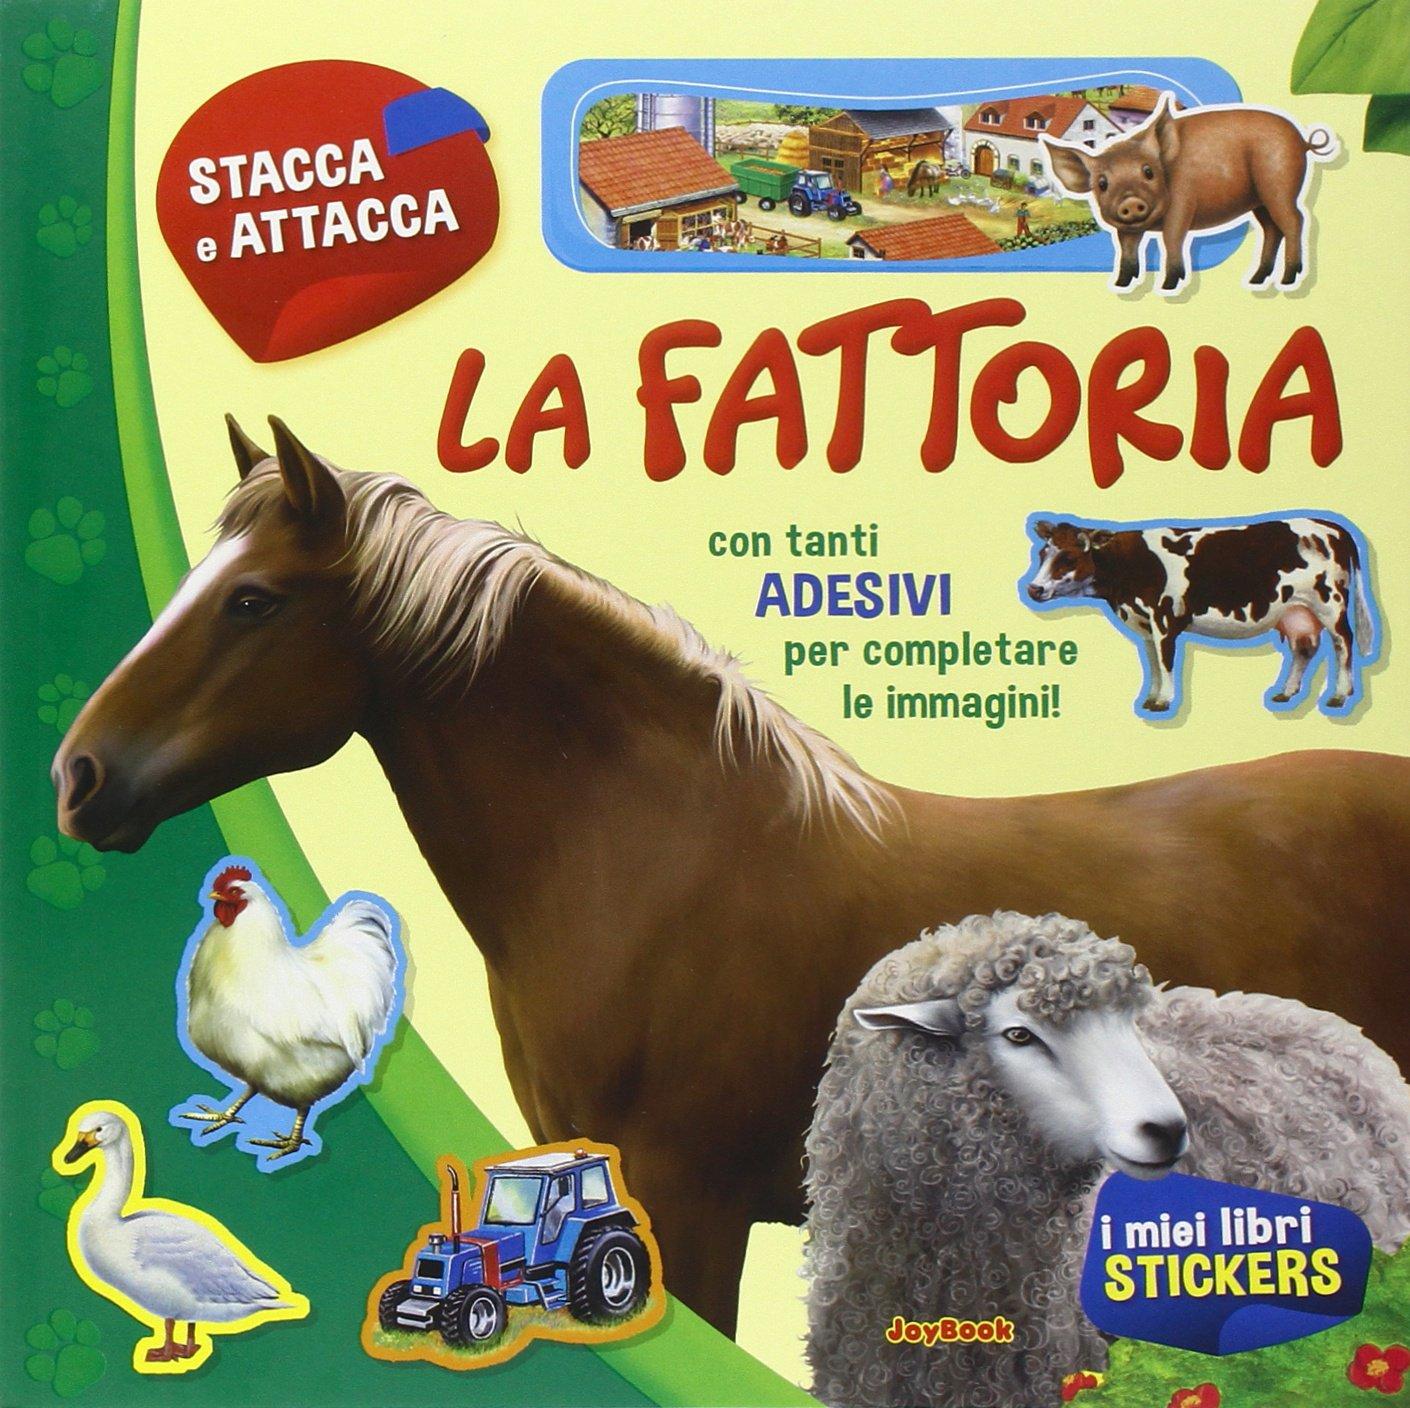 La fattoria. Con adesivi. Ediz. a colori Copertina flessibile – 31 ago 2015 aa.vv. Joybook 8866404233 Libri con adesivi